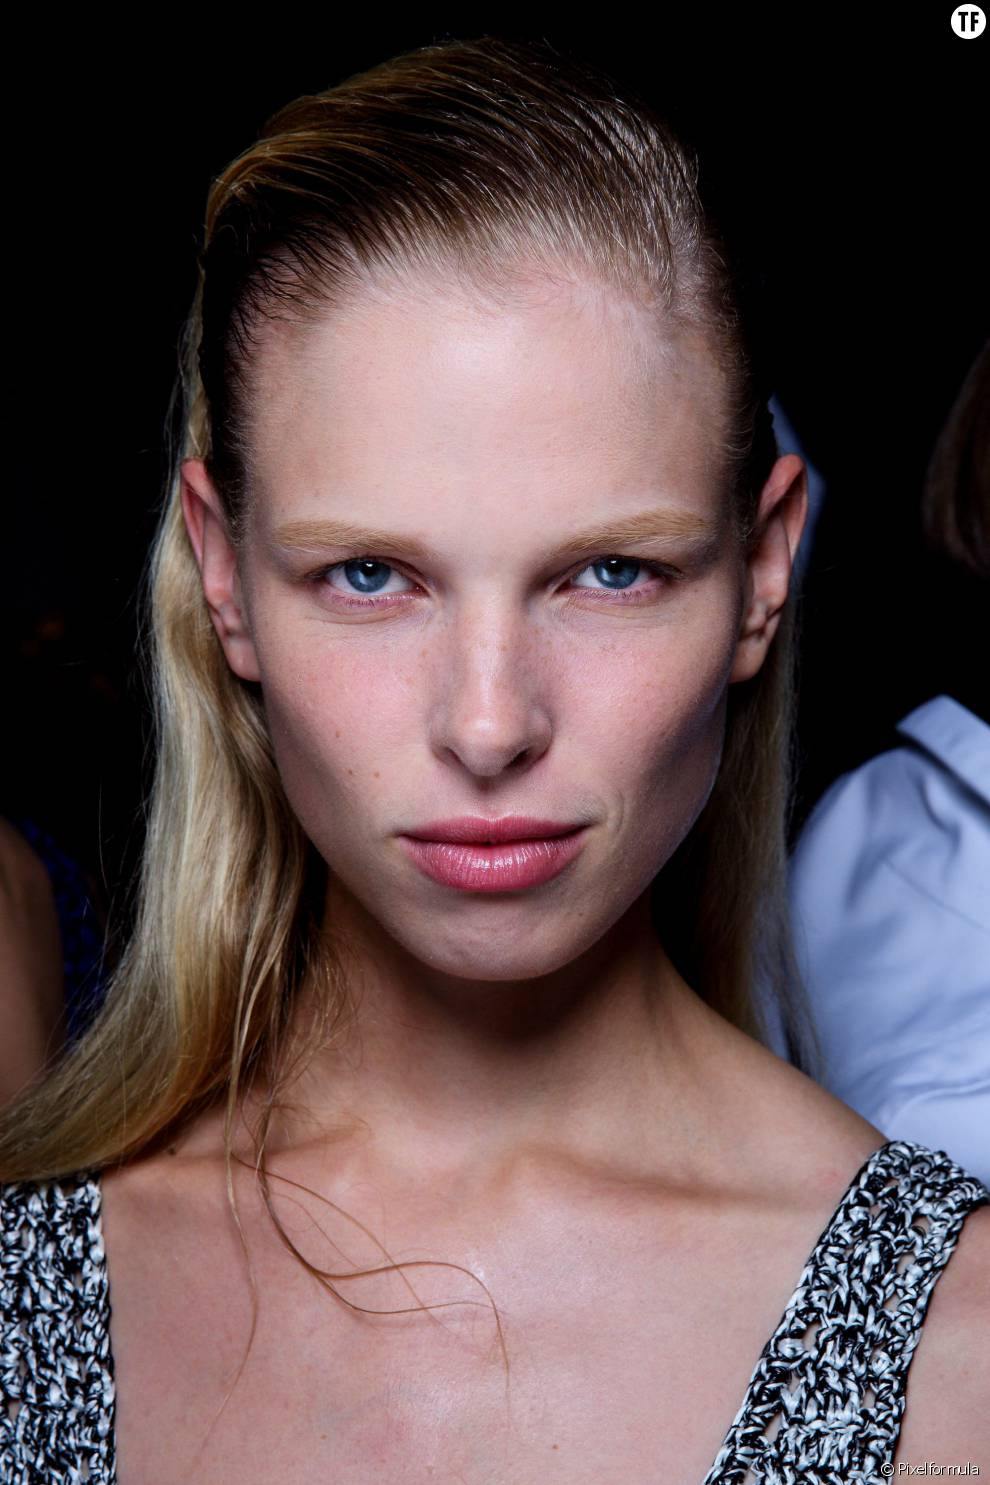 Pour dégager le visage, on se joue l'effet mouillé à l'avant et laisse sa chevelure naturelle à l'arrière.